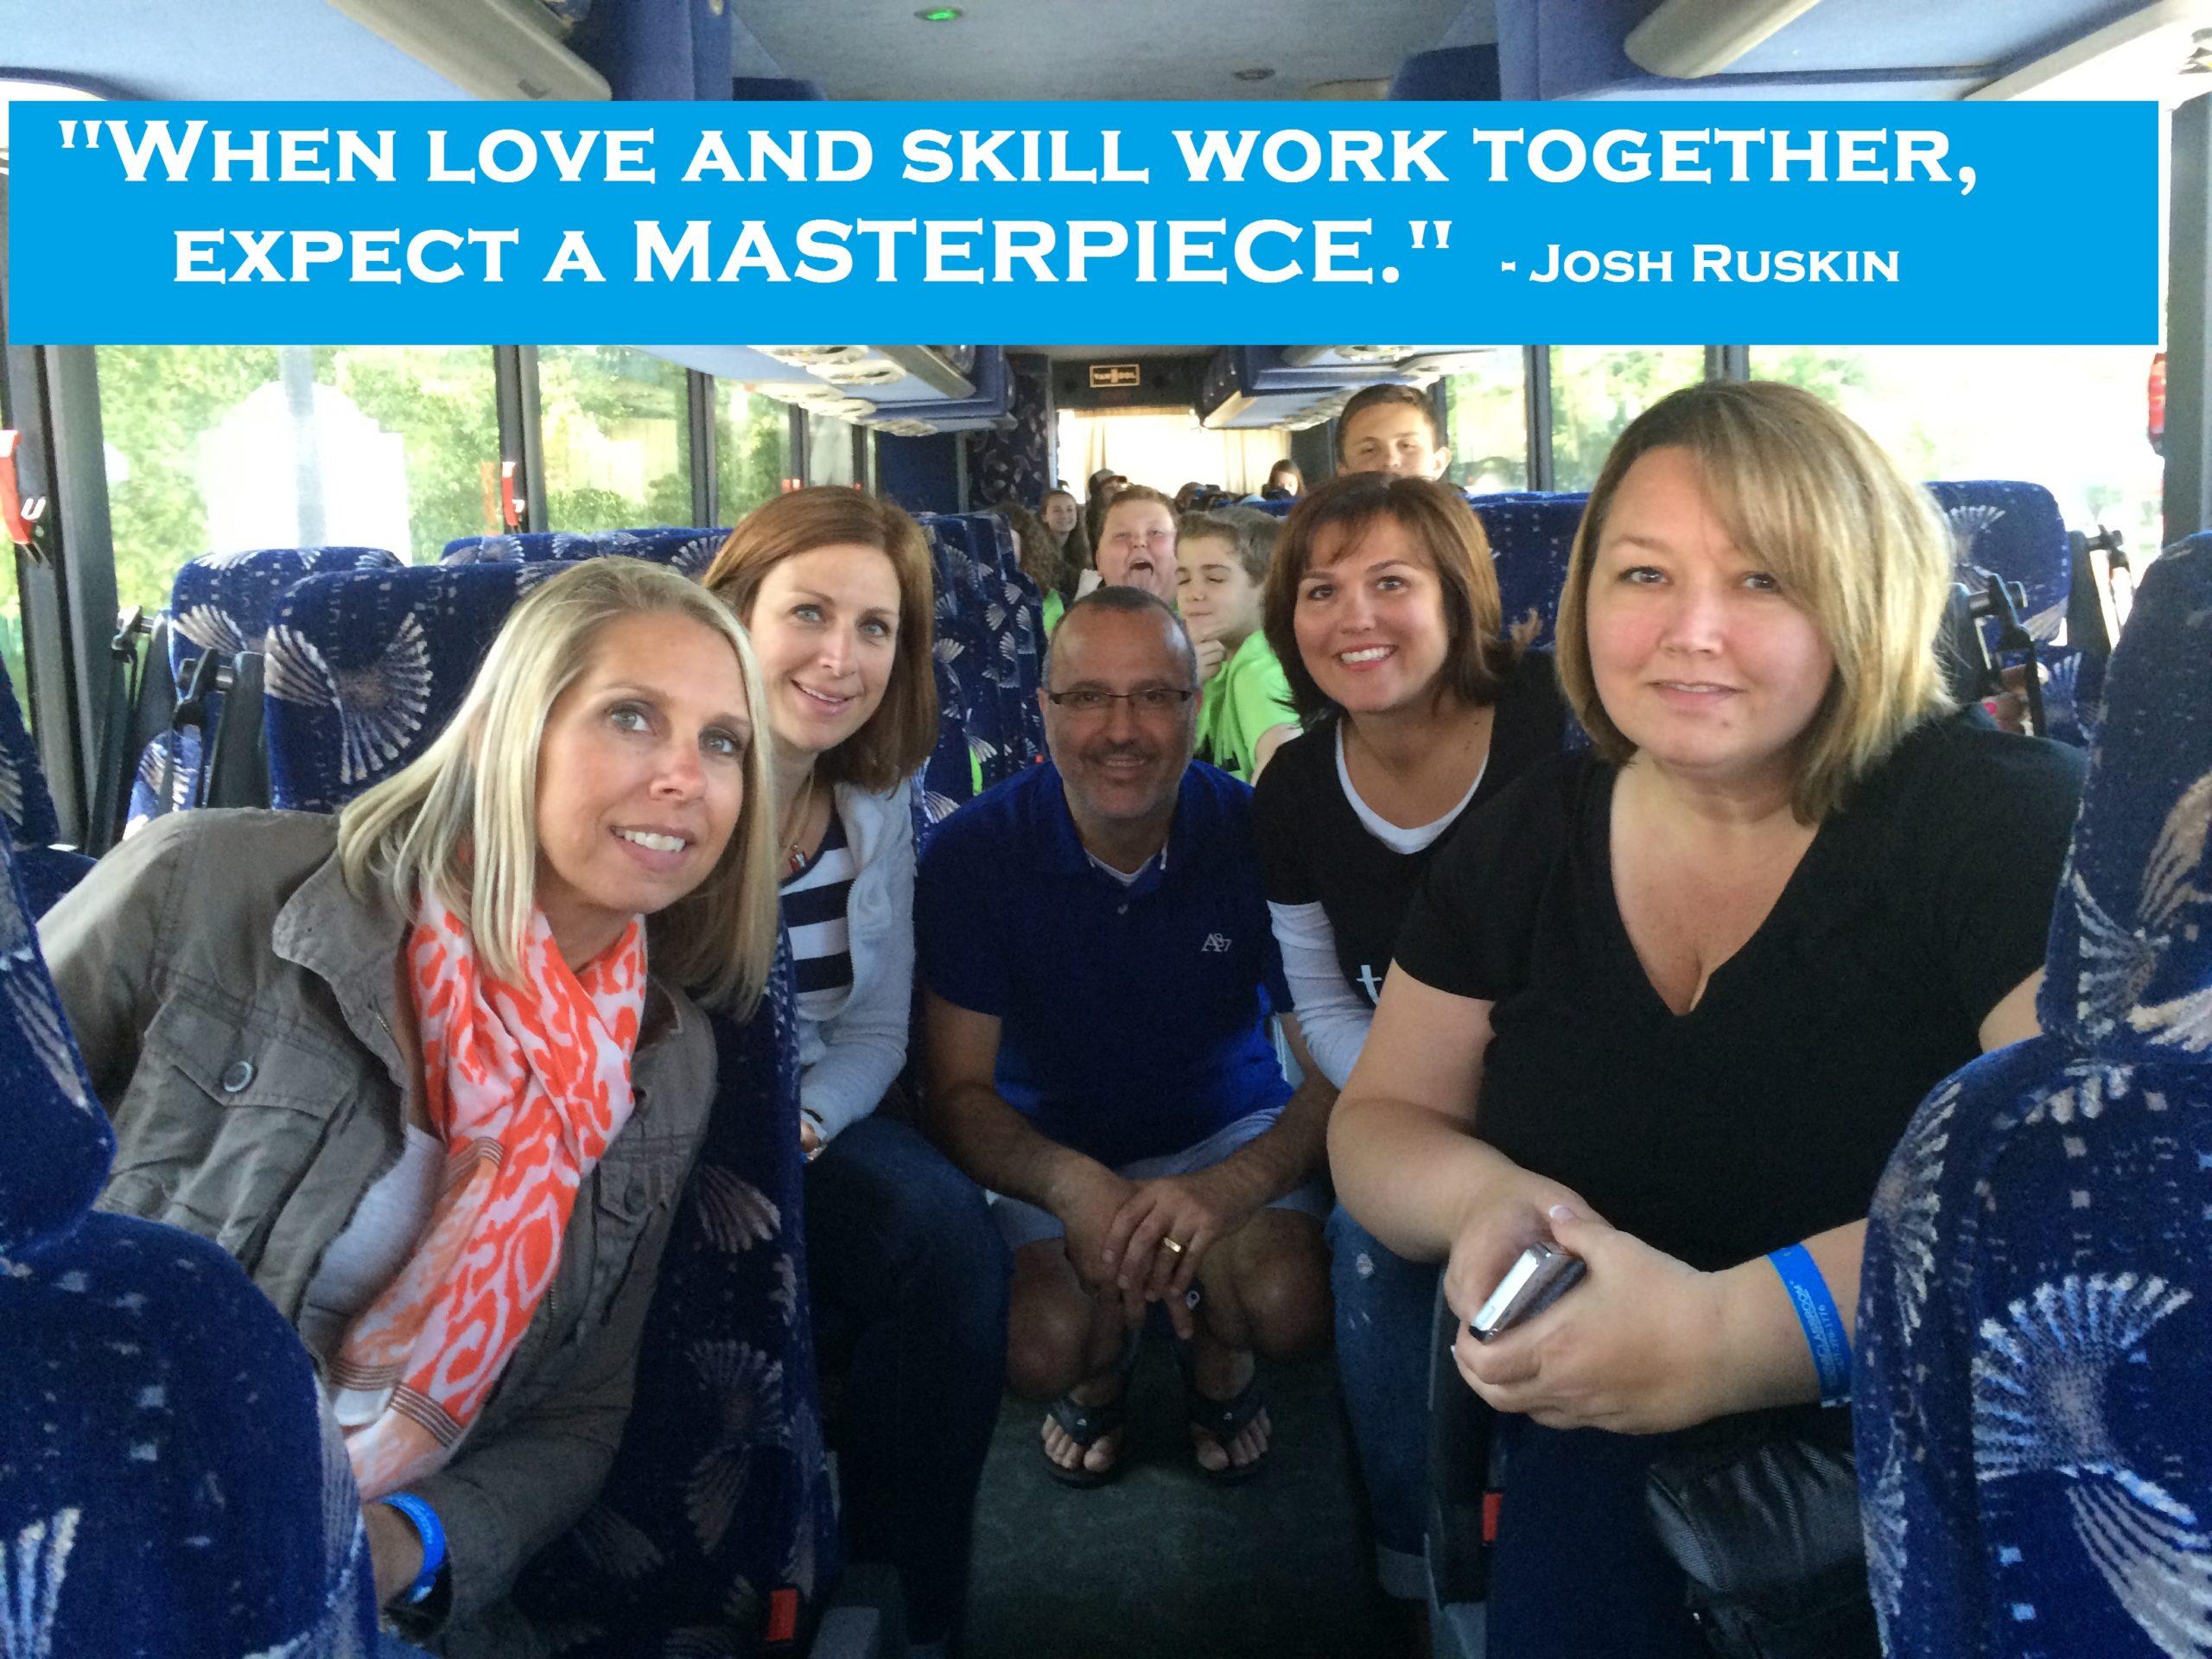 Teachers on a bus